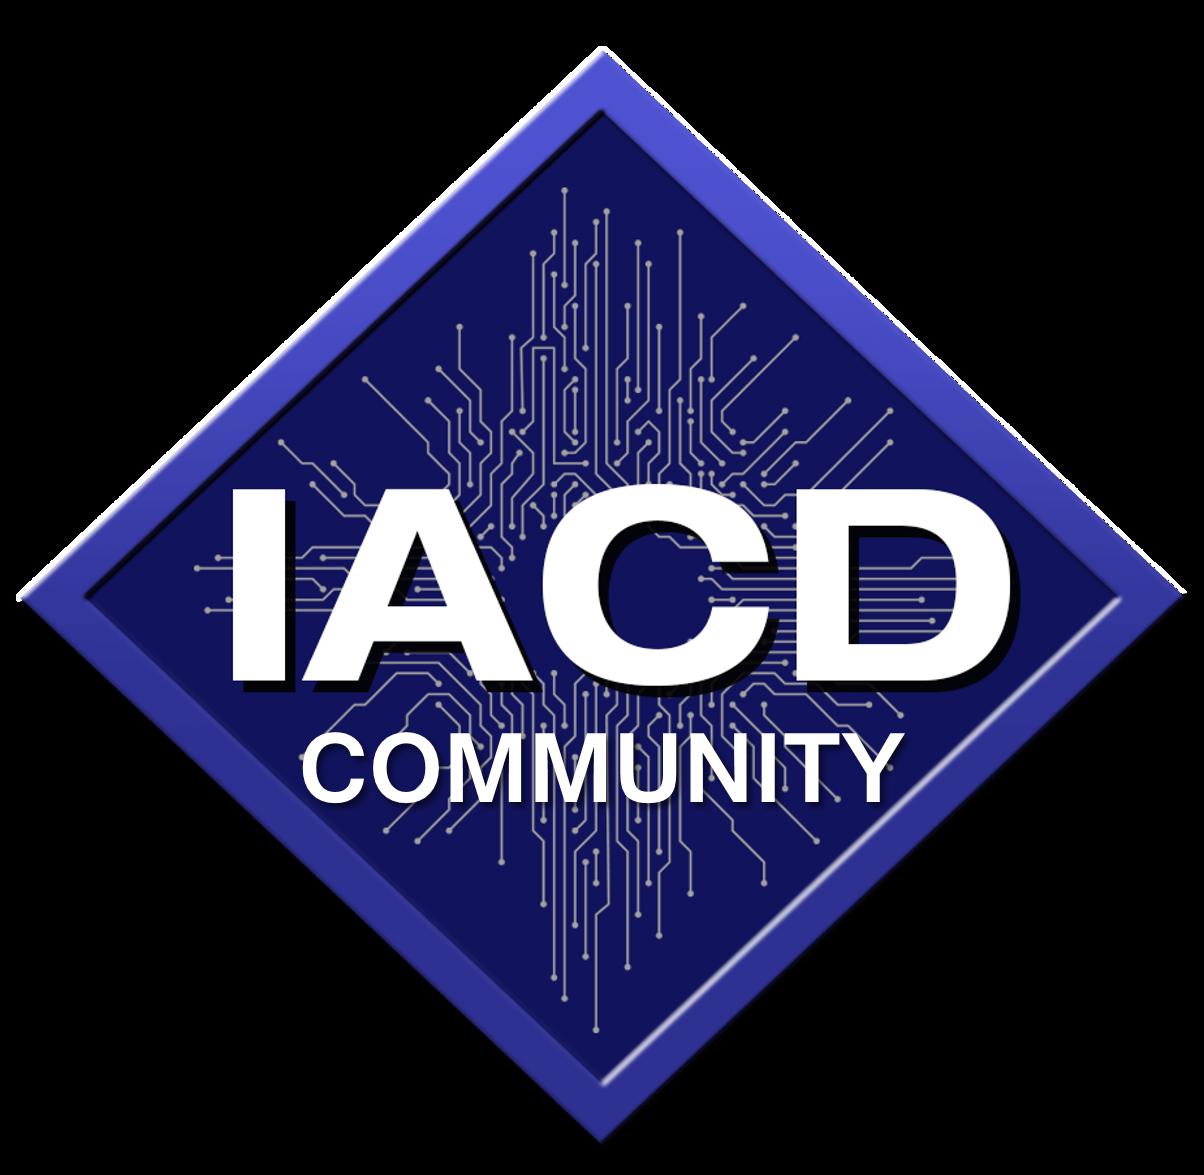 IACD Community.png